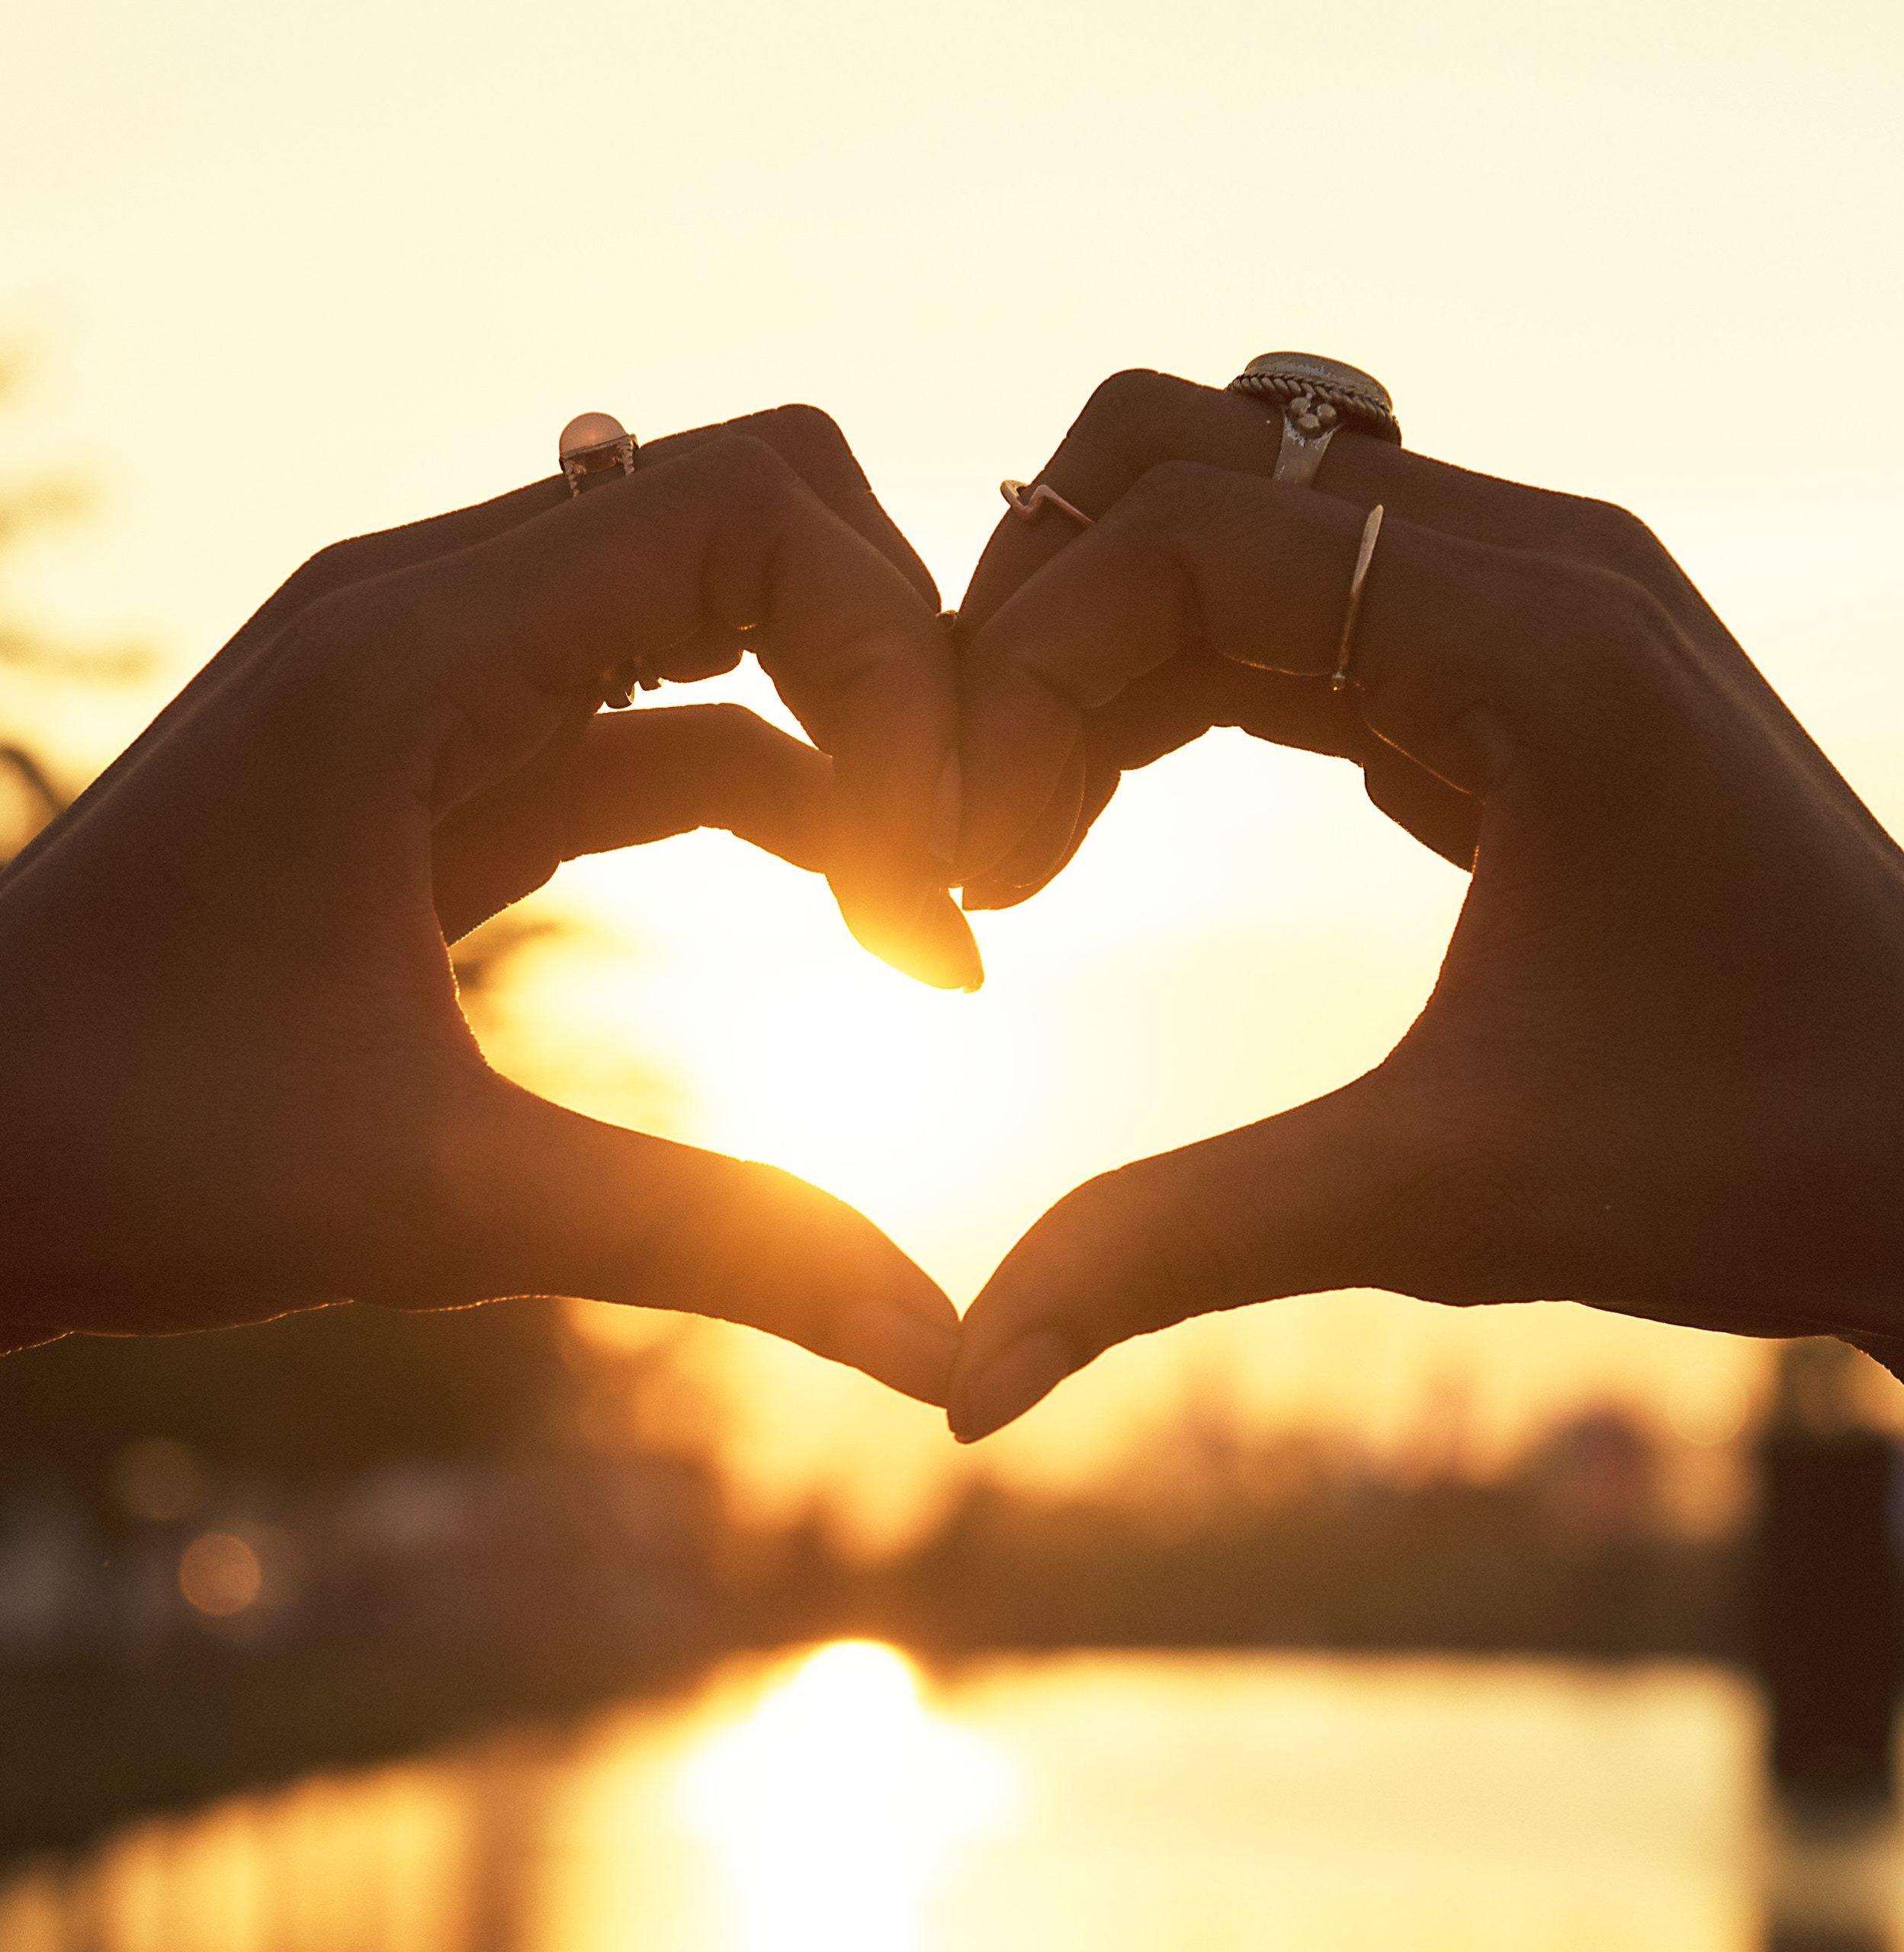 Hände formen ein Herz im Sonnenlicht.